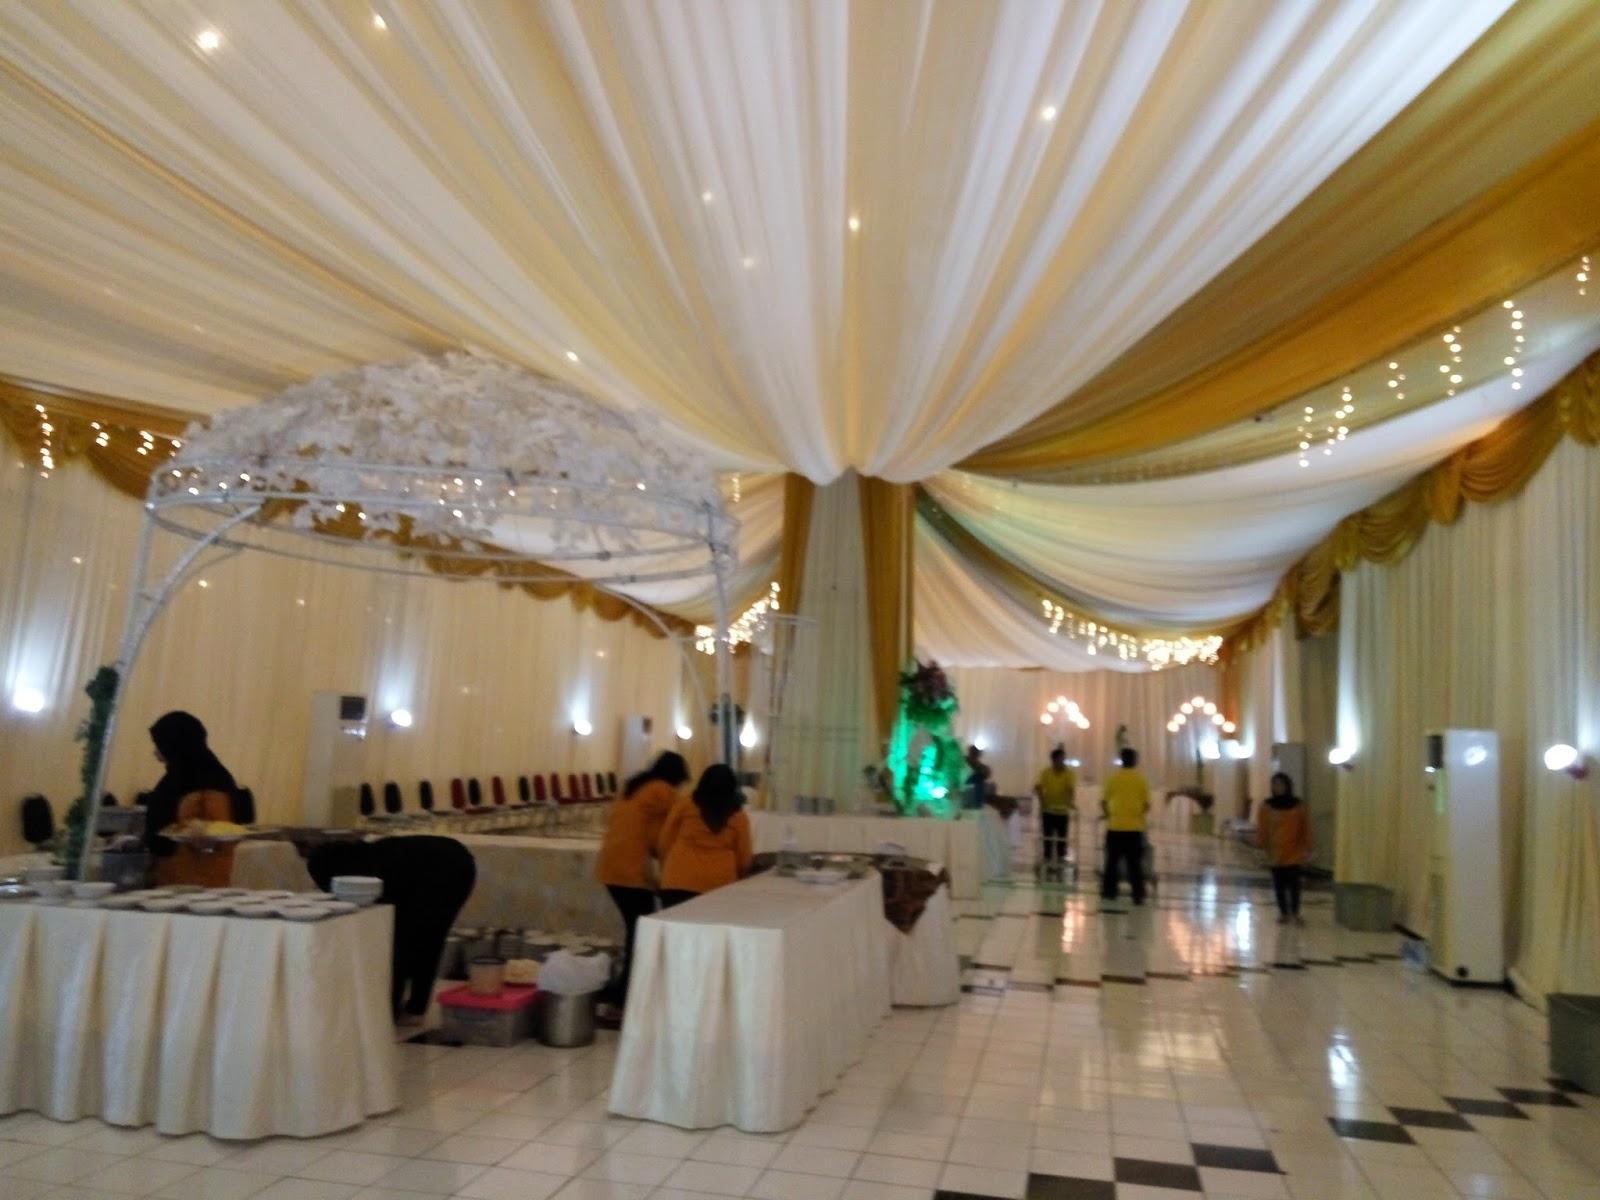 dekorasi tenda di gedung